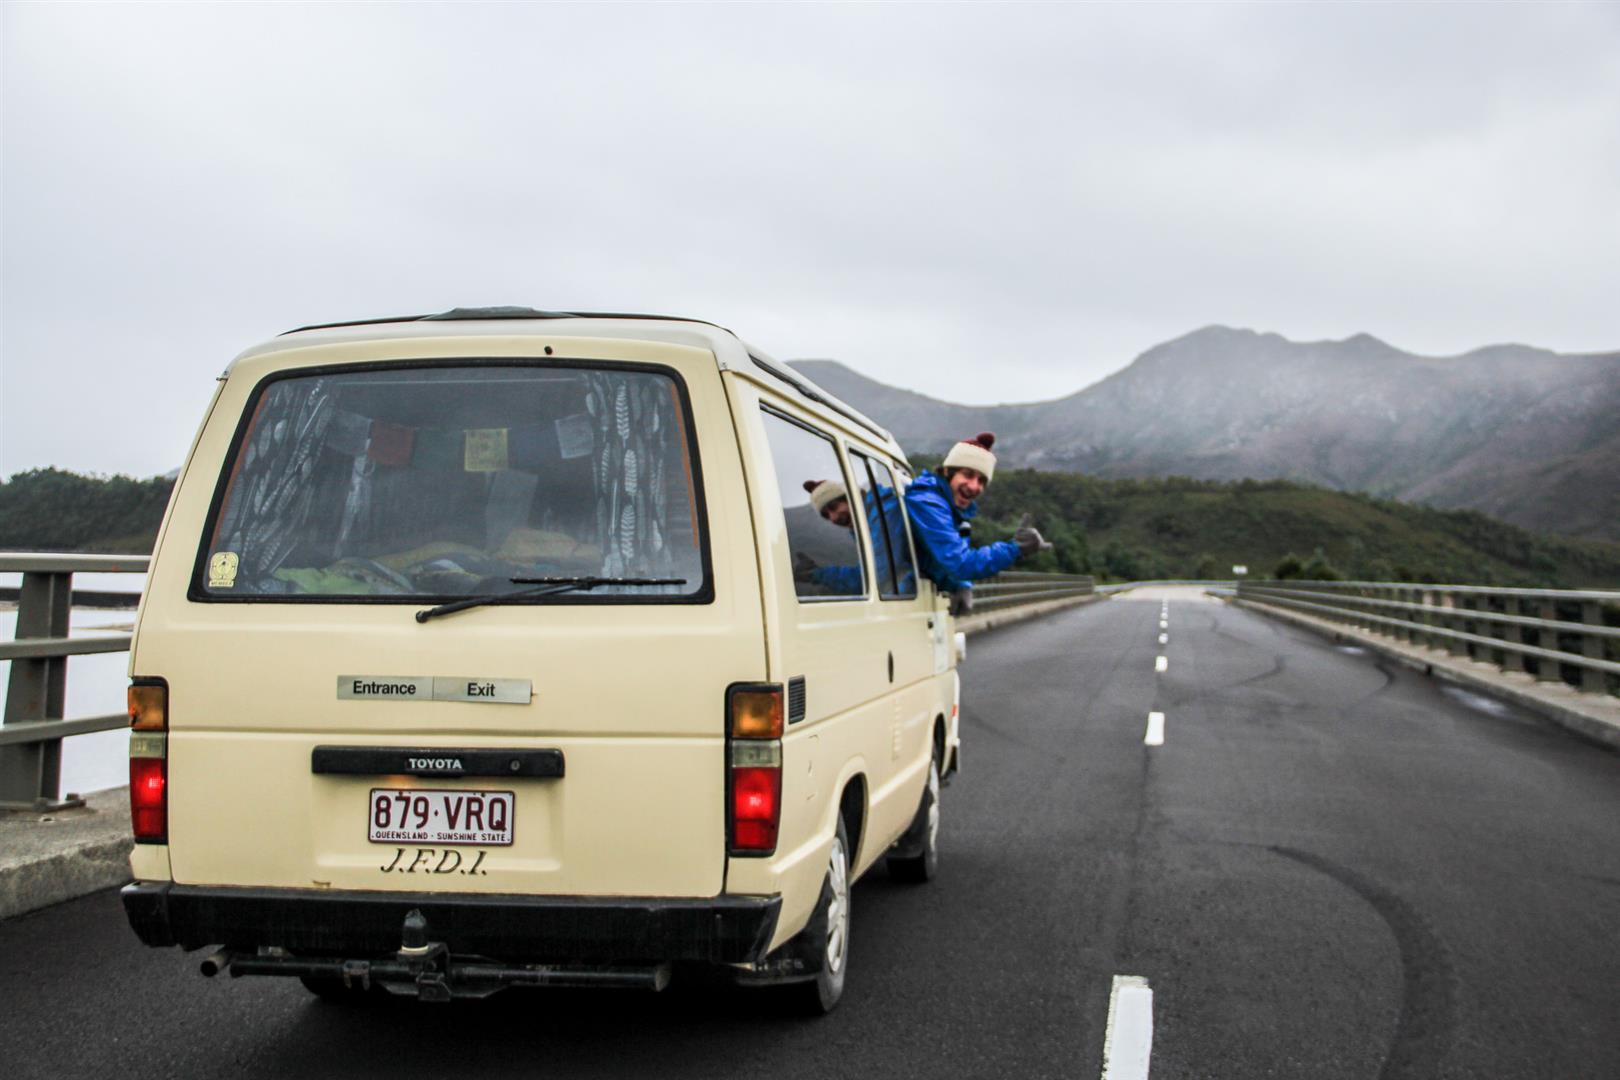 campervan em uma rodovia com montanhas